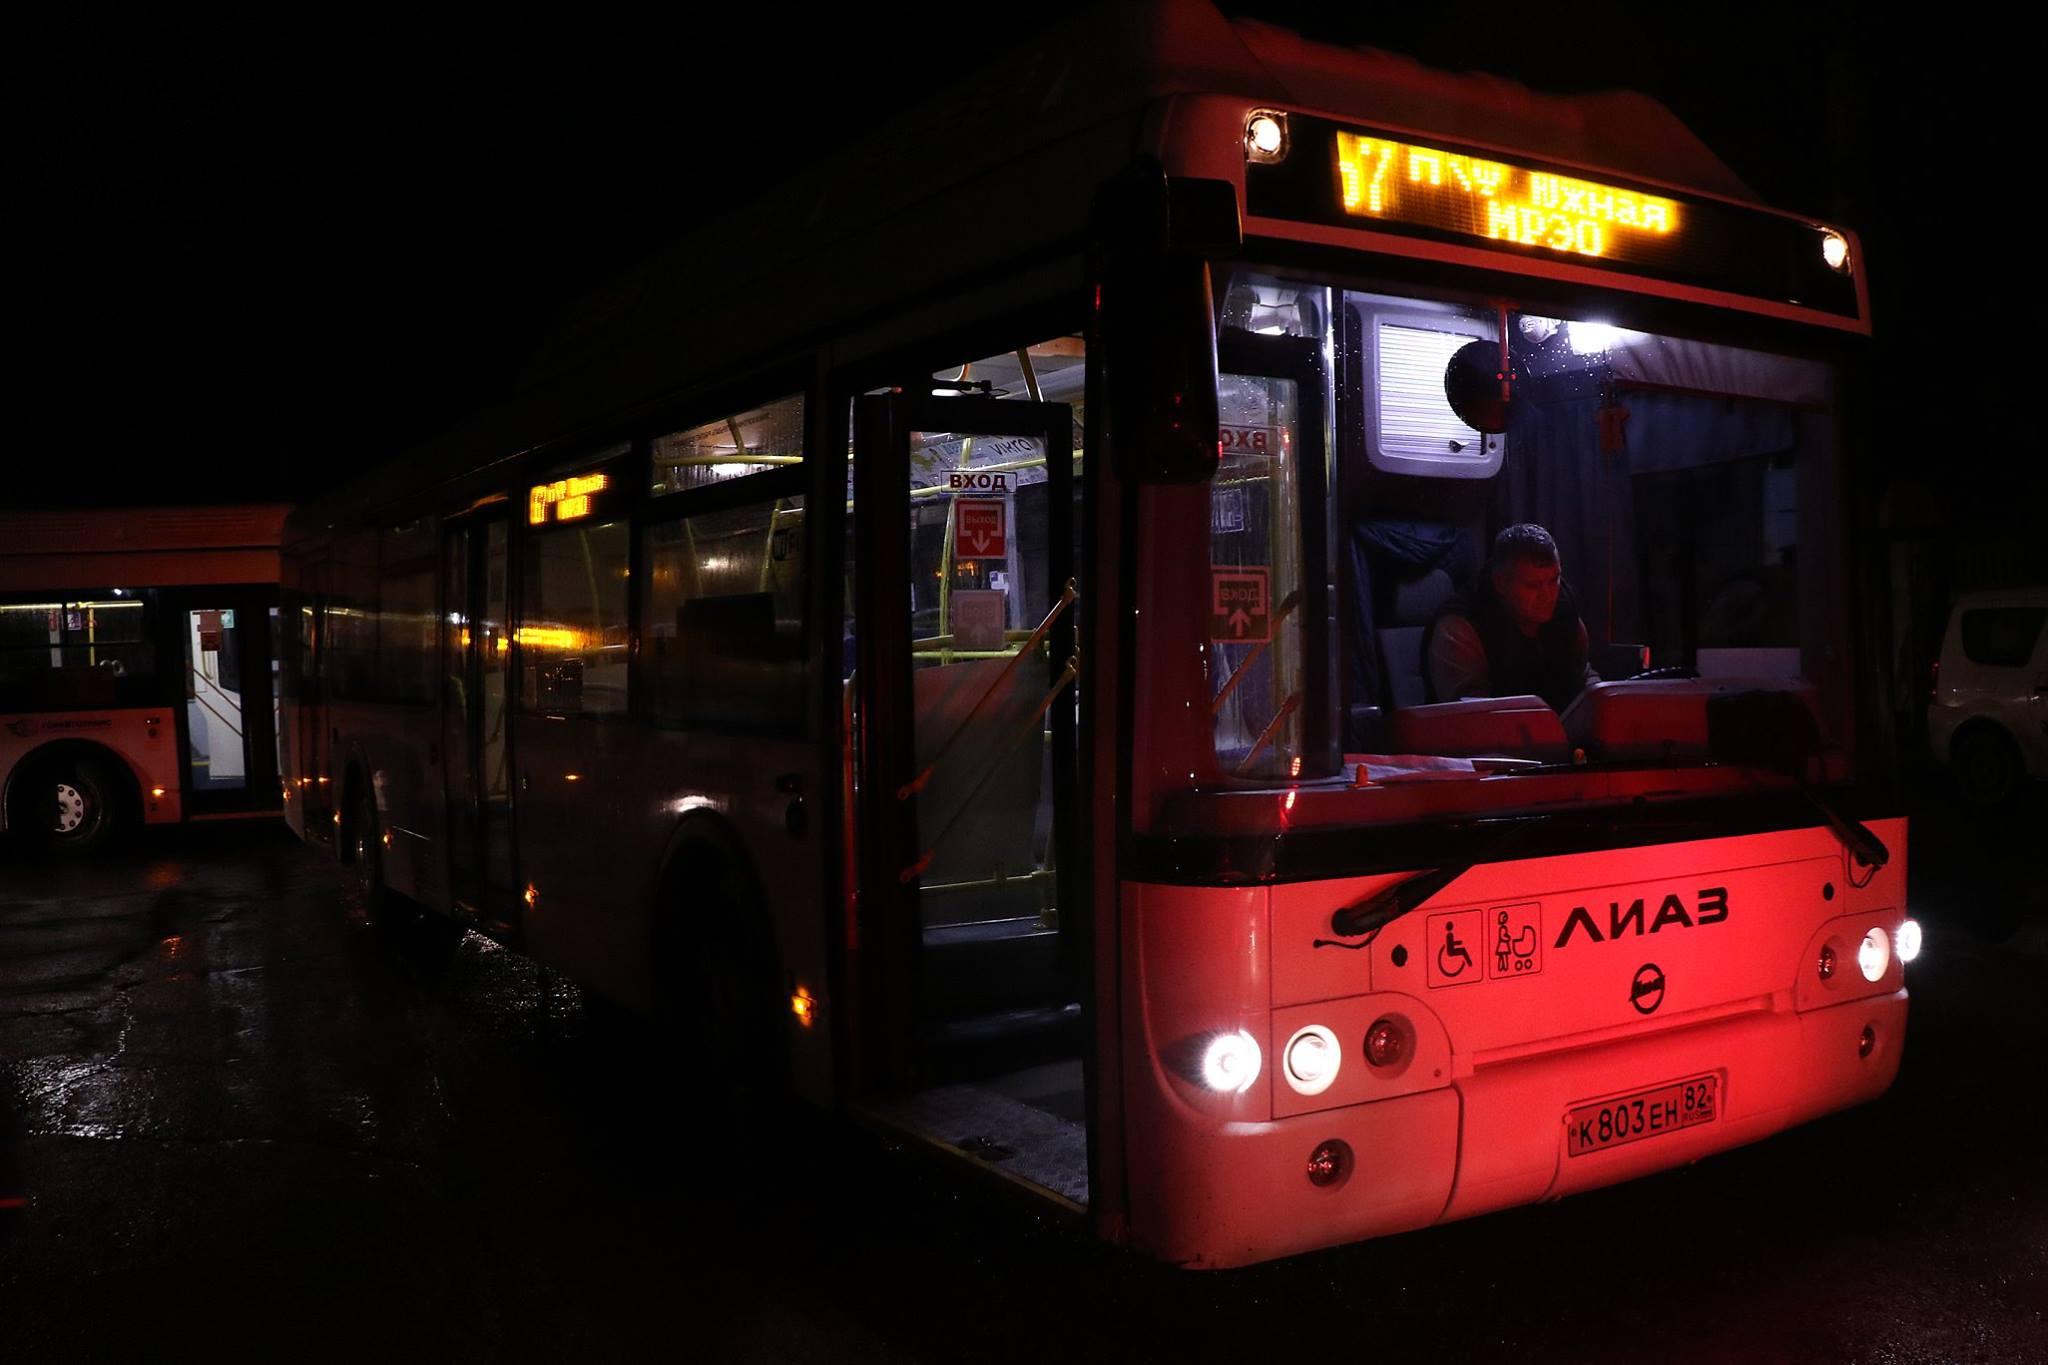 В Симферополе сегодня праздник: на столичные маршруты вышли новые автобусы…